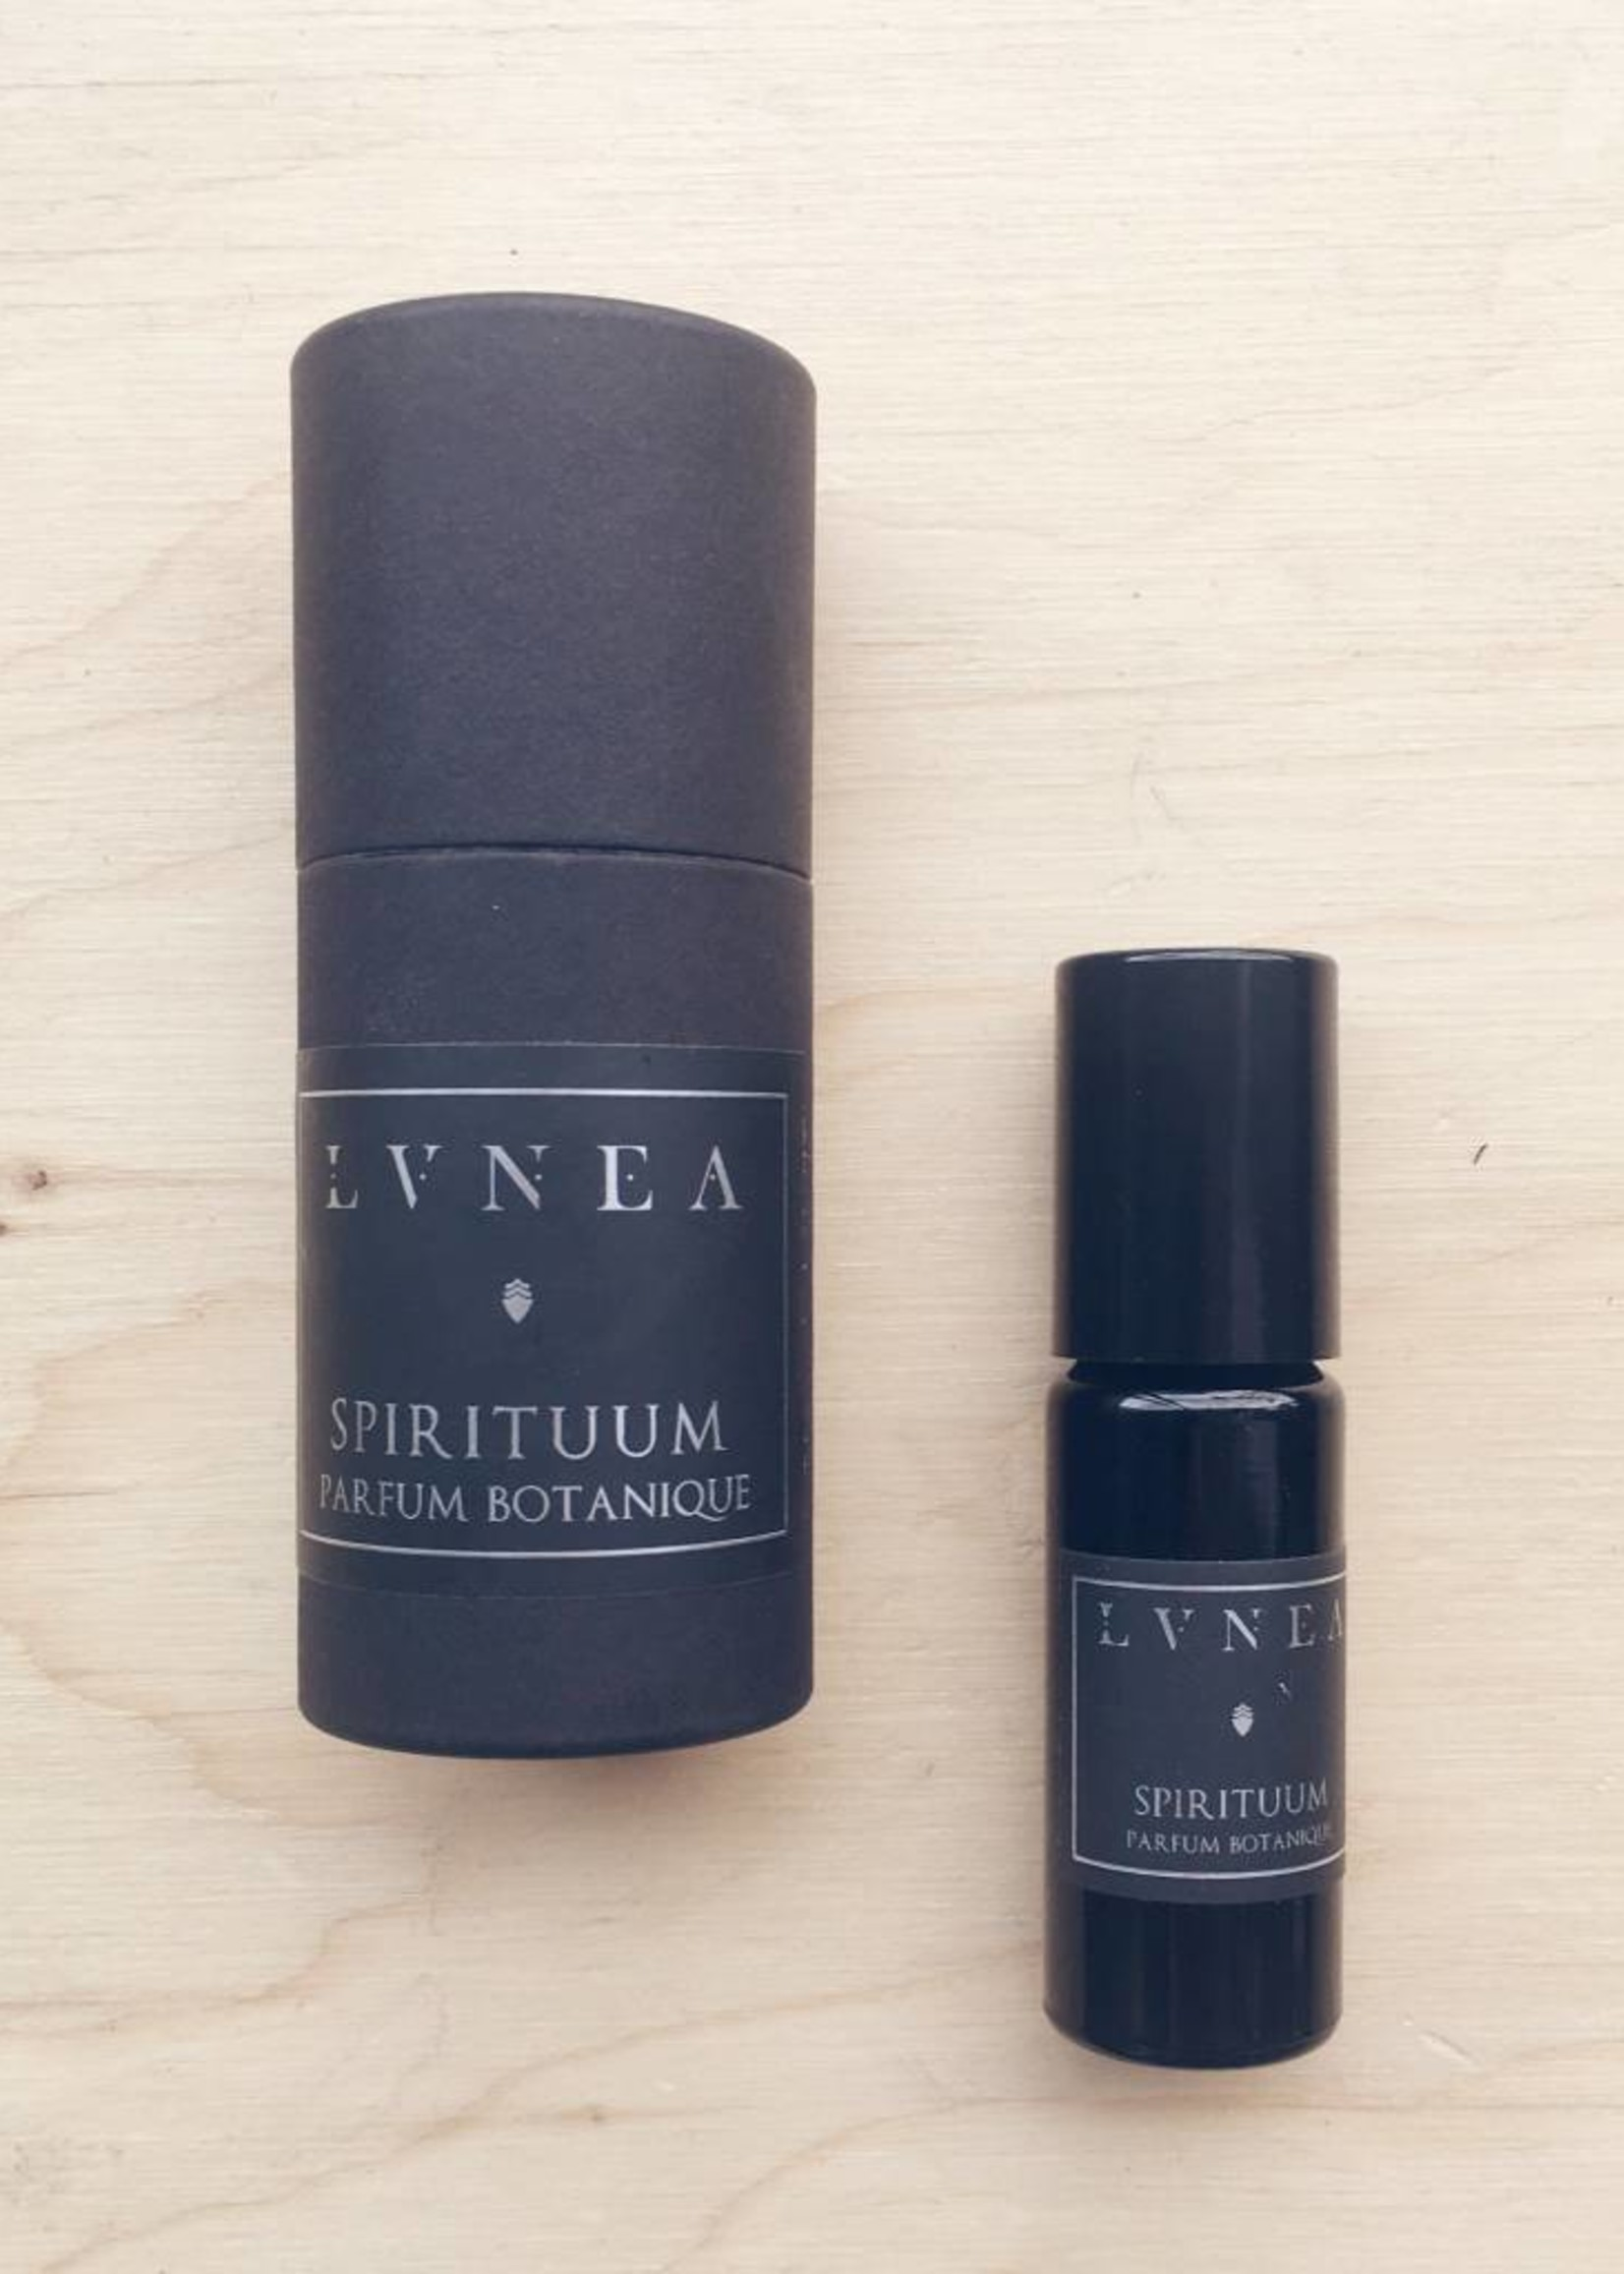 Lvnea Spirituum Perfume Oil